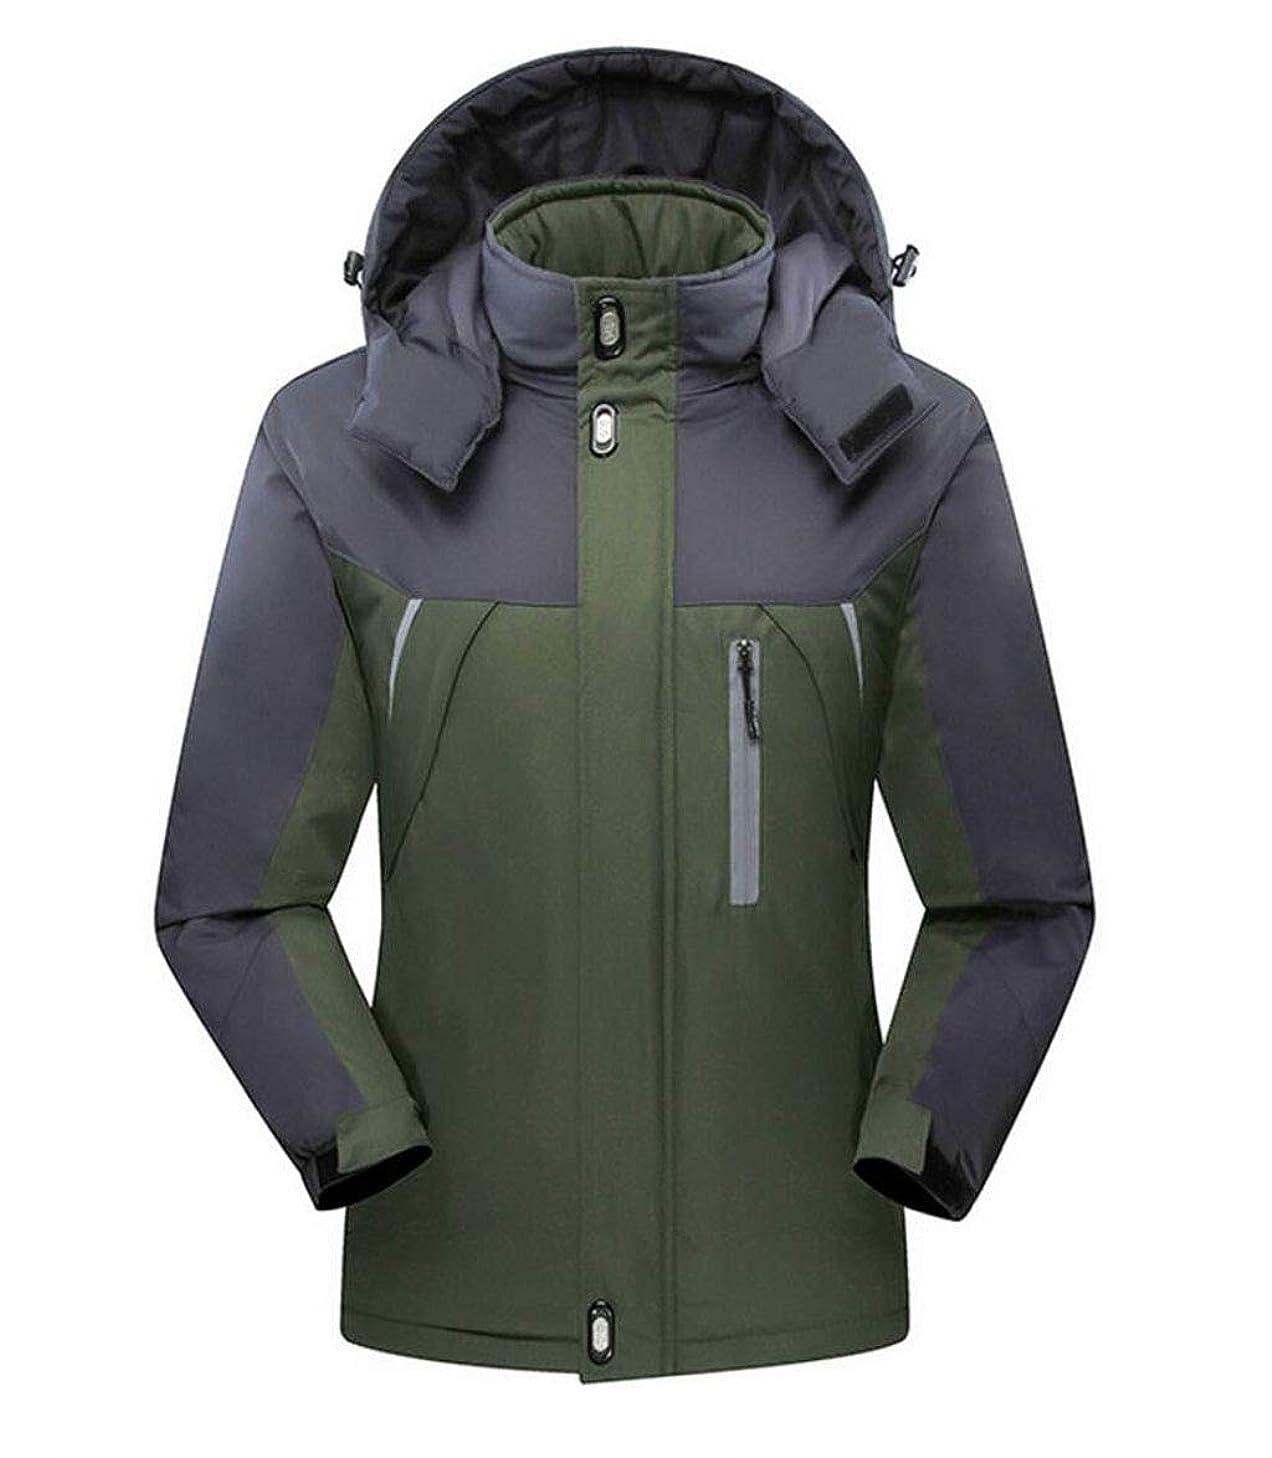 DAFREW Men's Jackets, Waterproof and Windproof Ski Jacket Outdoor Mountaineering Suit Autumn and Winter Plus Velvet Warmth